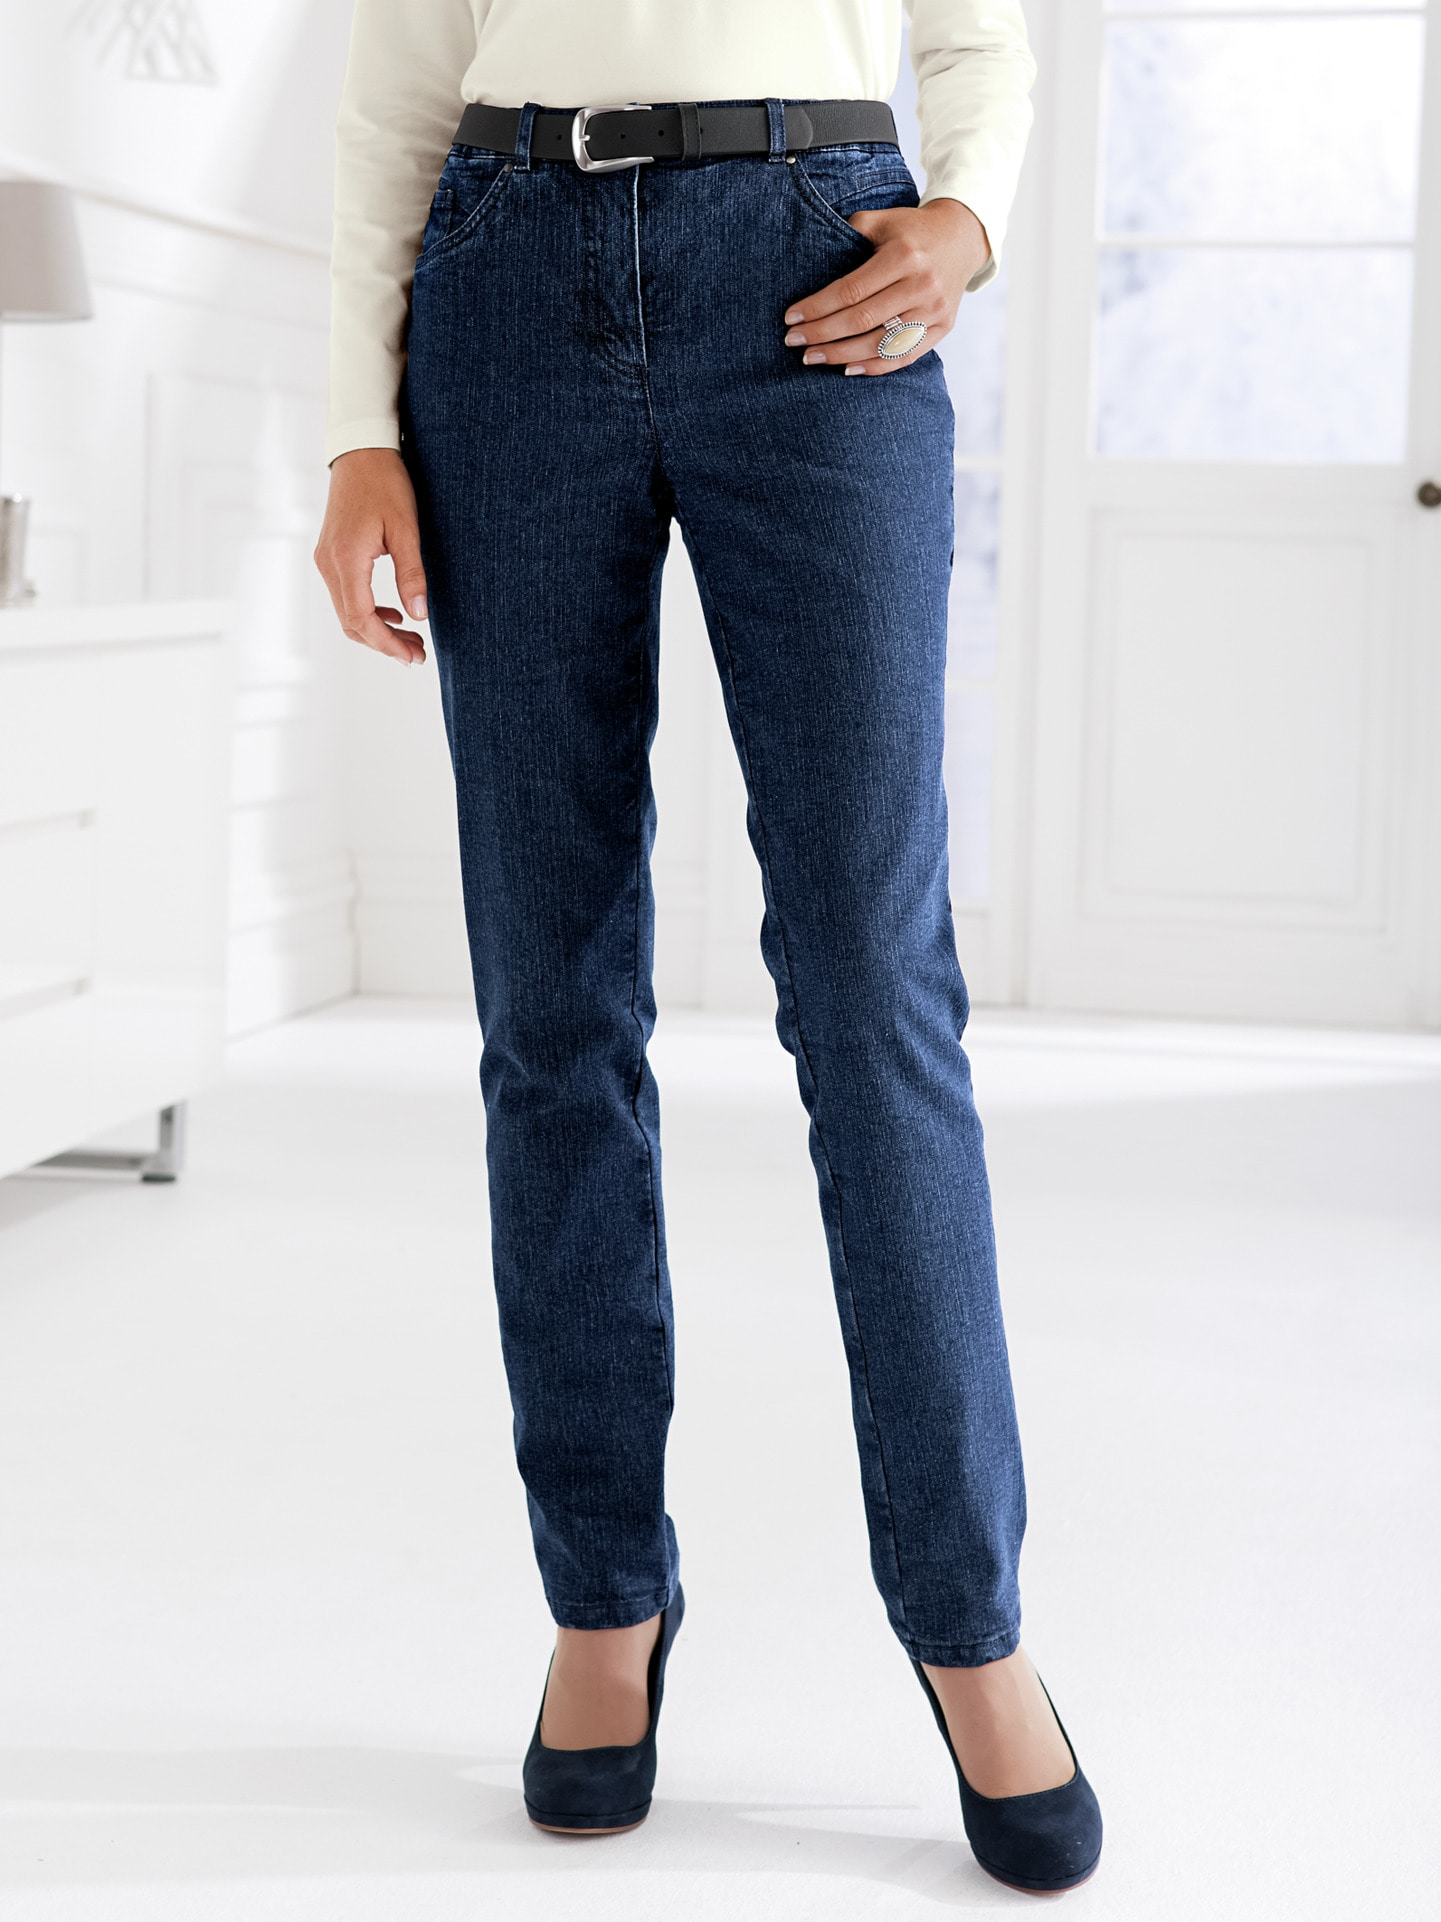 damen thermo jeans 5 pocket direkt bestellen avena. Black Bedroom Furniture Sets. Home Design Ideas